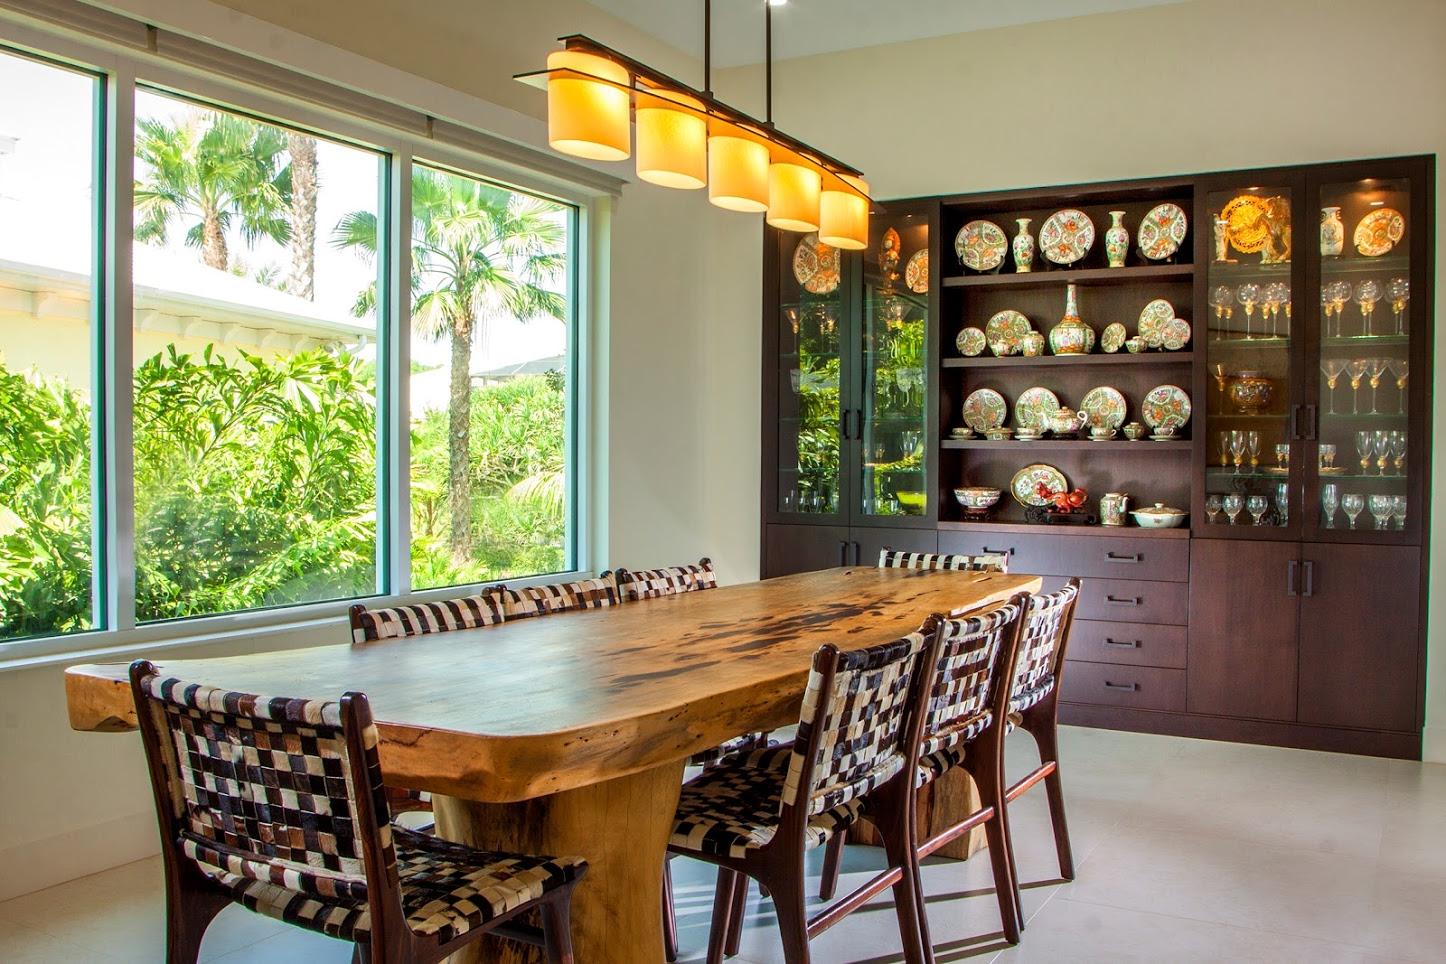 Home Zen smart homes sarasota | photo gallery